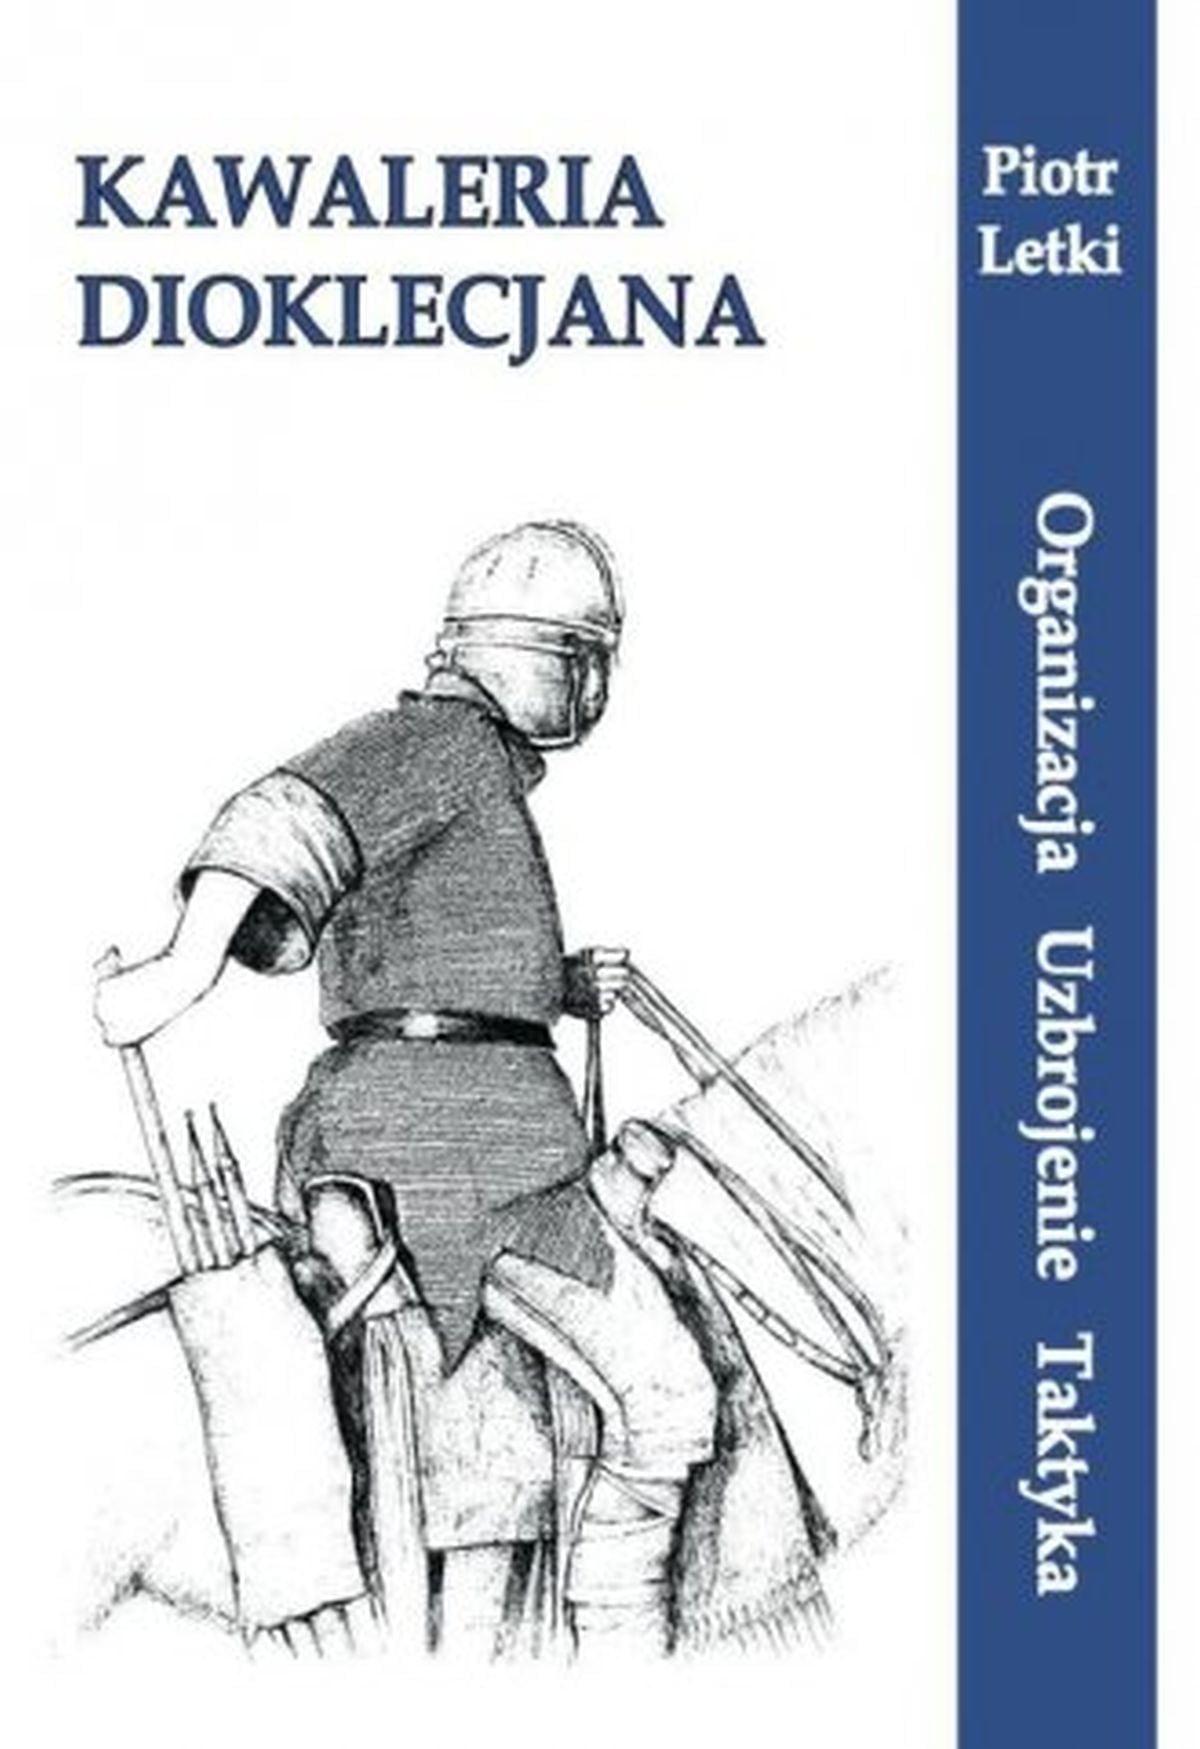 Kawaleria Dioklecjana. Organizacja. Uzbrojenie. Taktyka